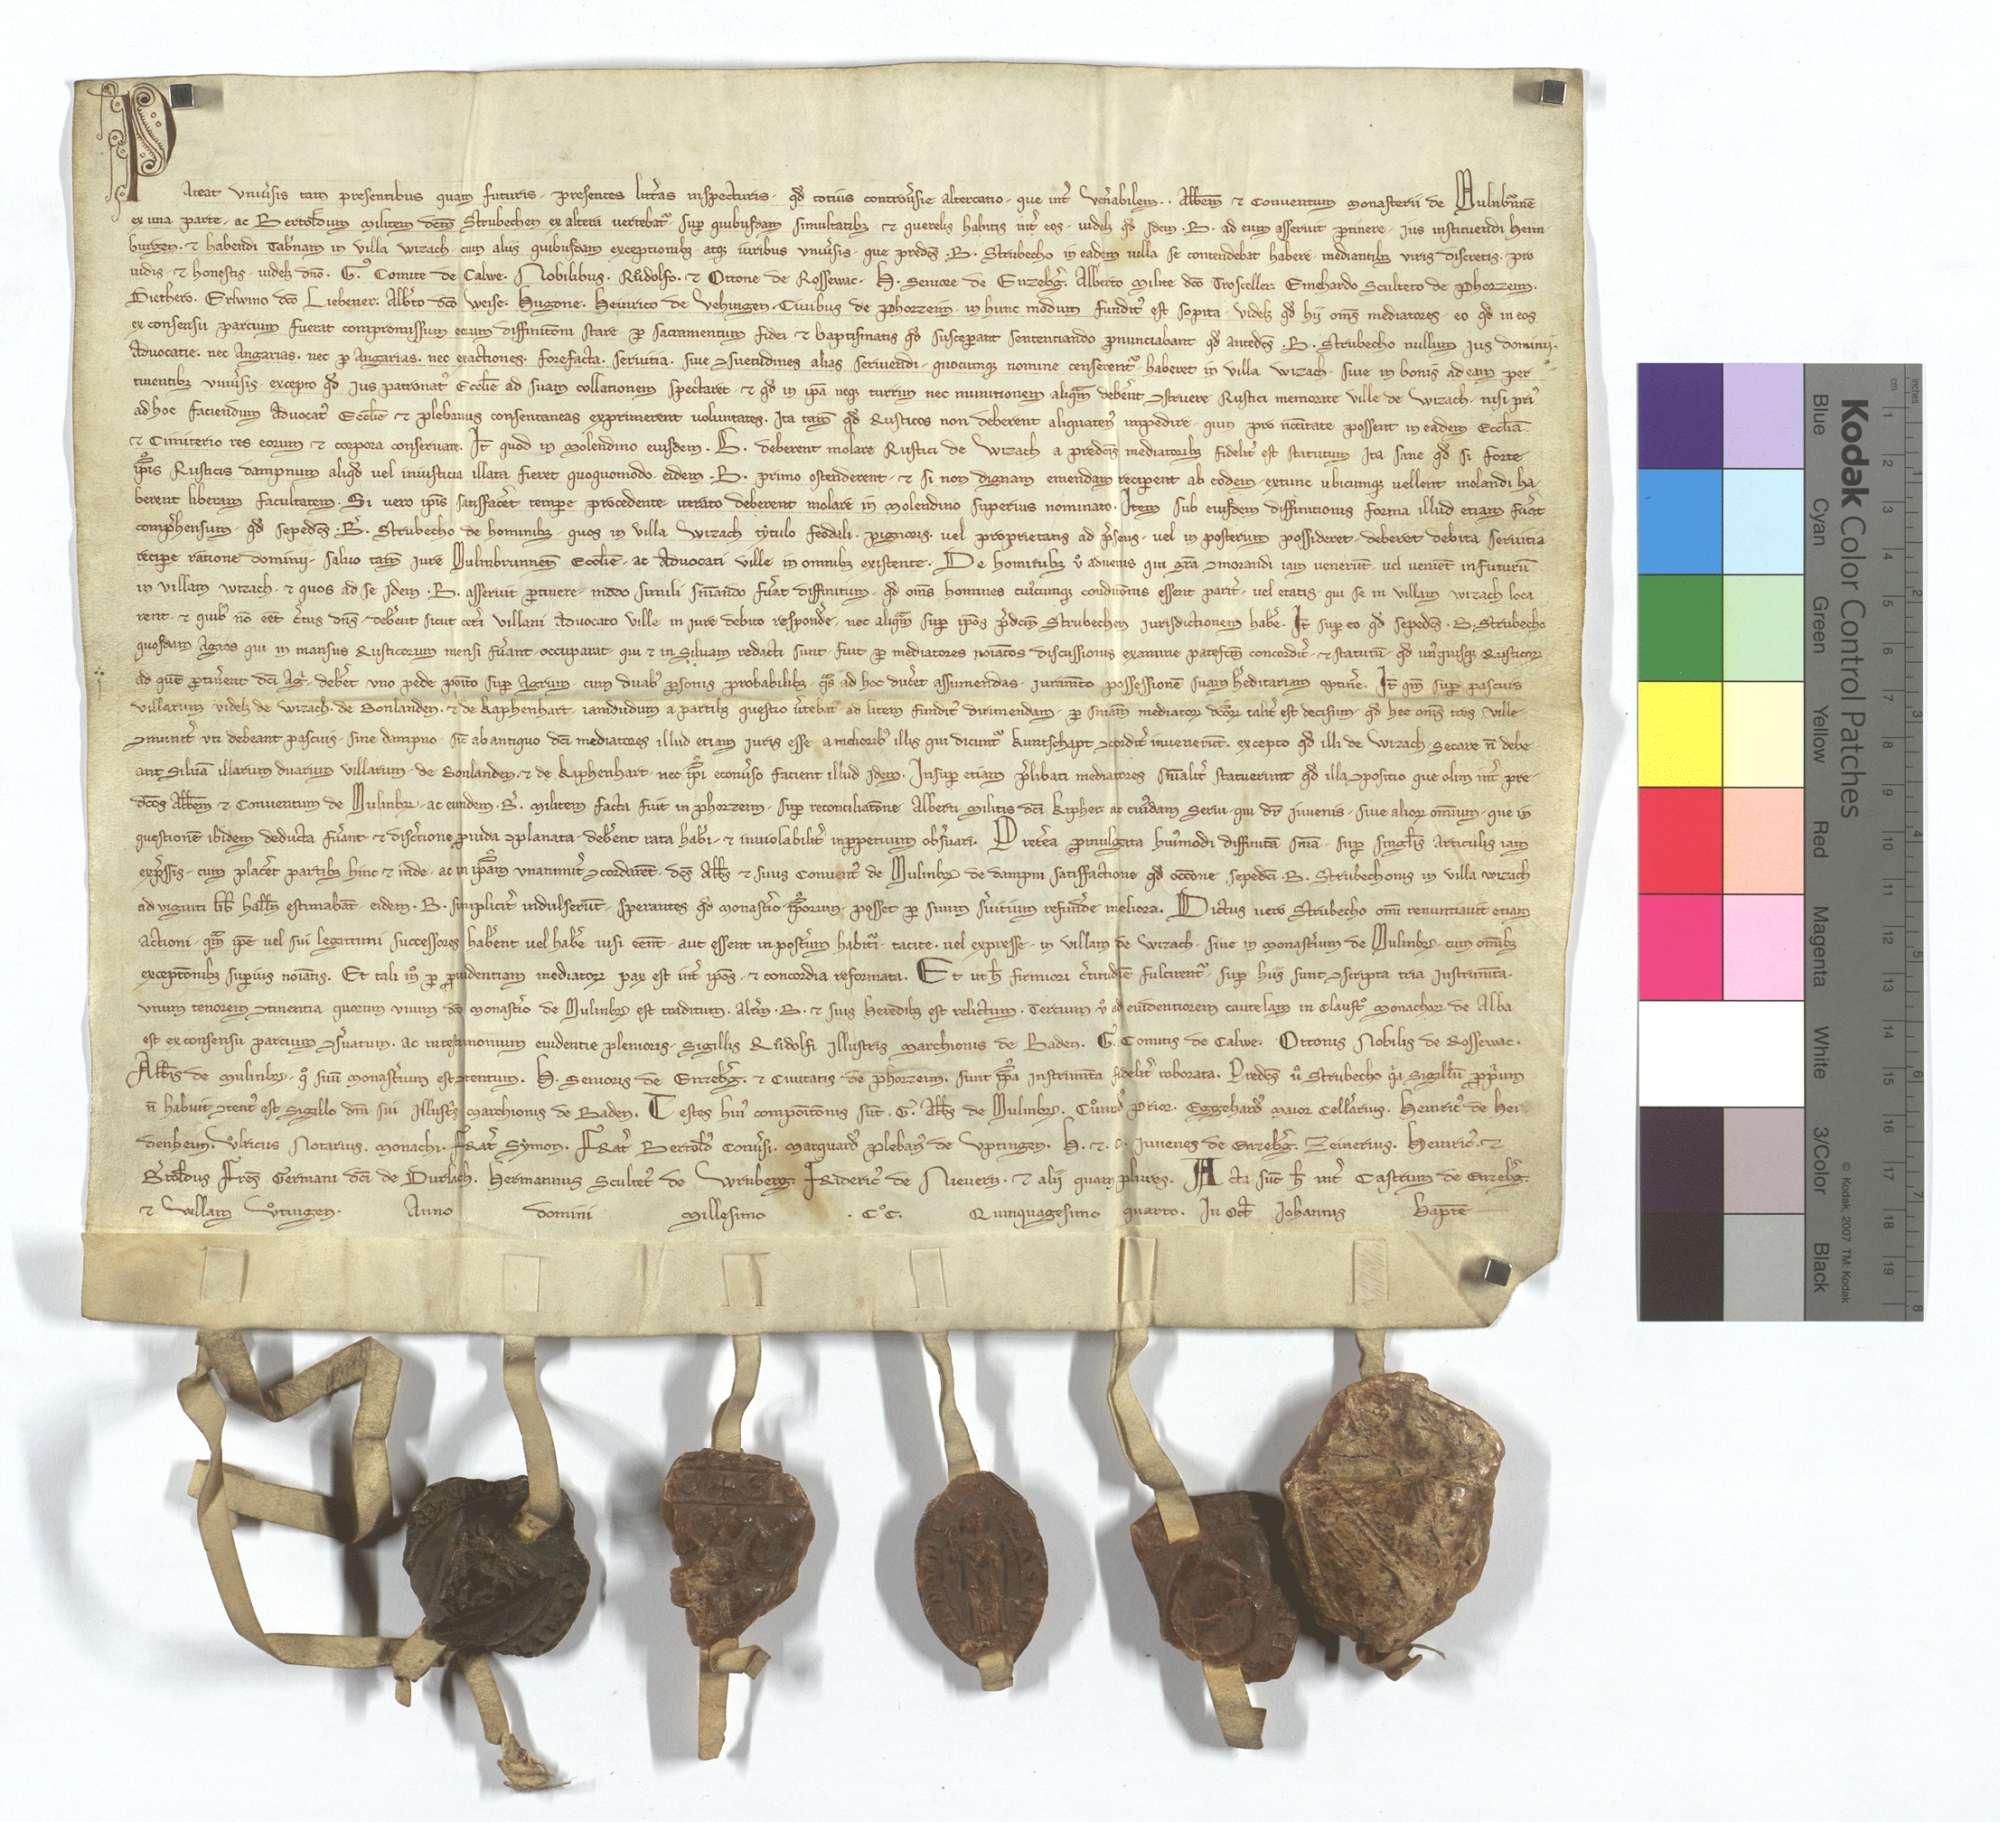 Zwischen dem Kloster Maulbronn und Ritter Berthold Strubecho wird eine Reihe von Streitigkeiten hinsichtlich der Rechtsverhältnisse in Weissach durch ein von beiden Parteien gewähltes Schiedsgericht entschieden., Text